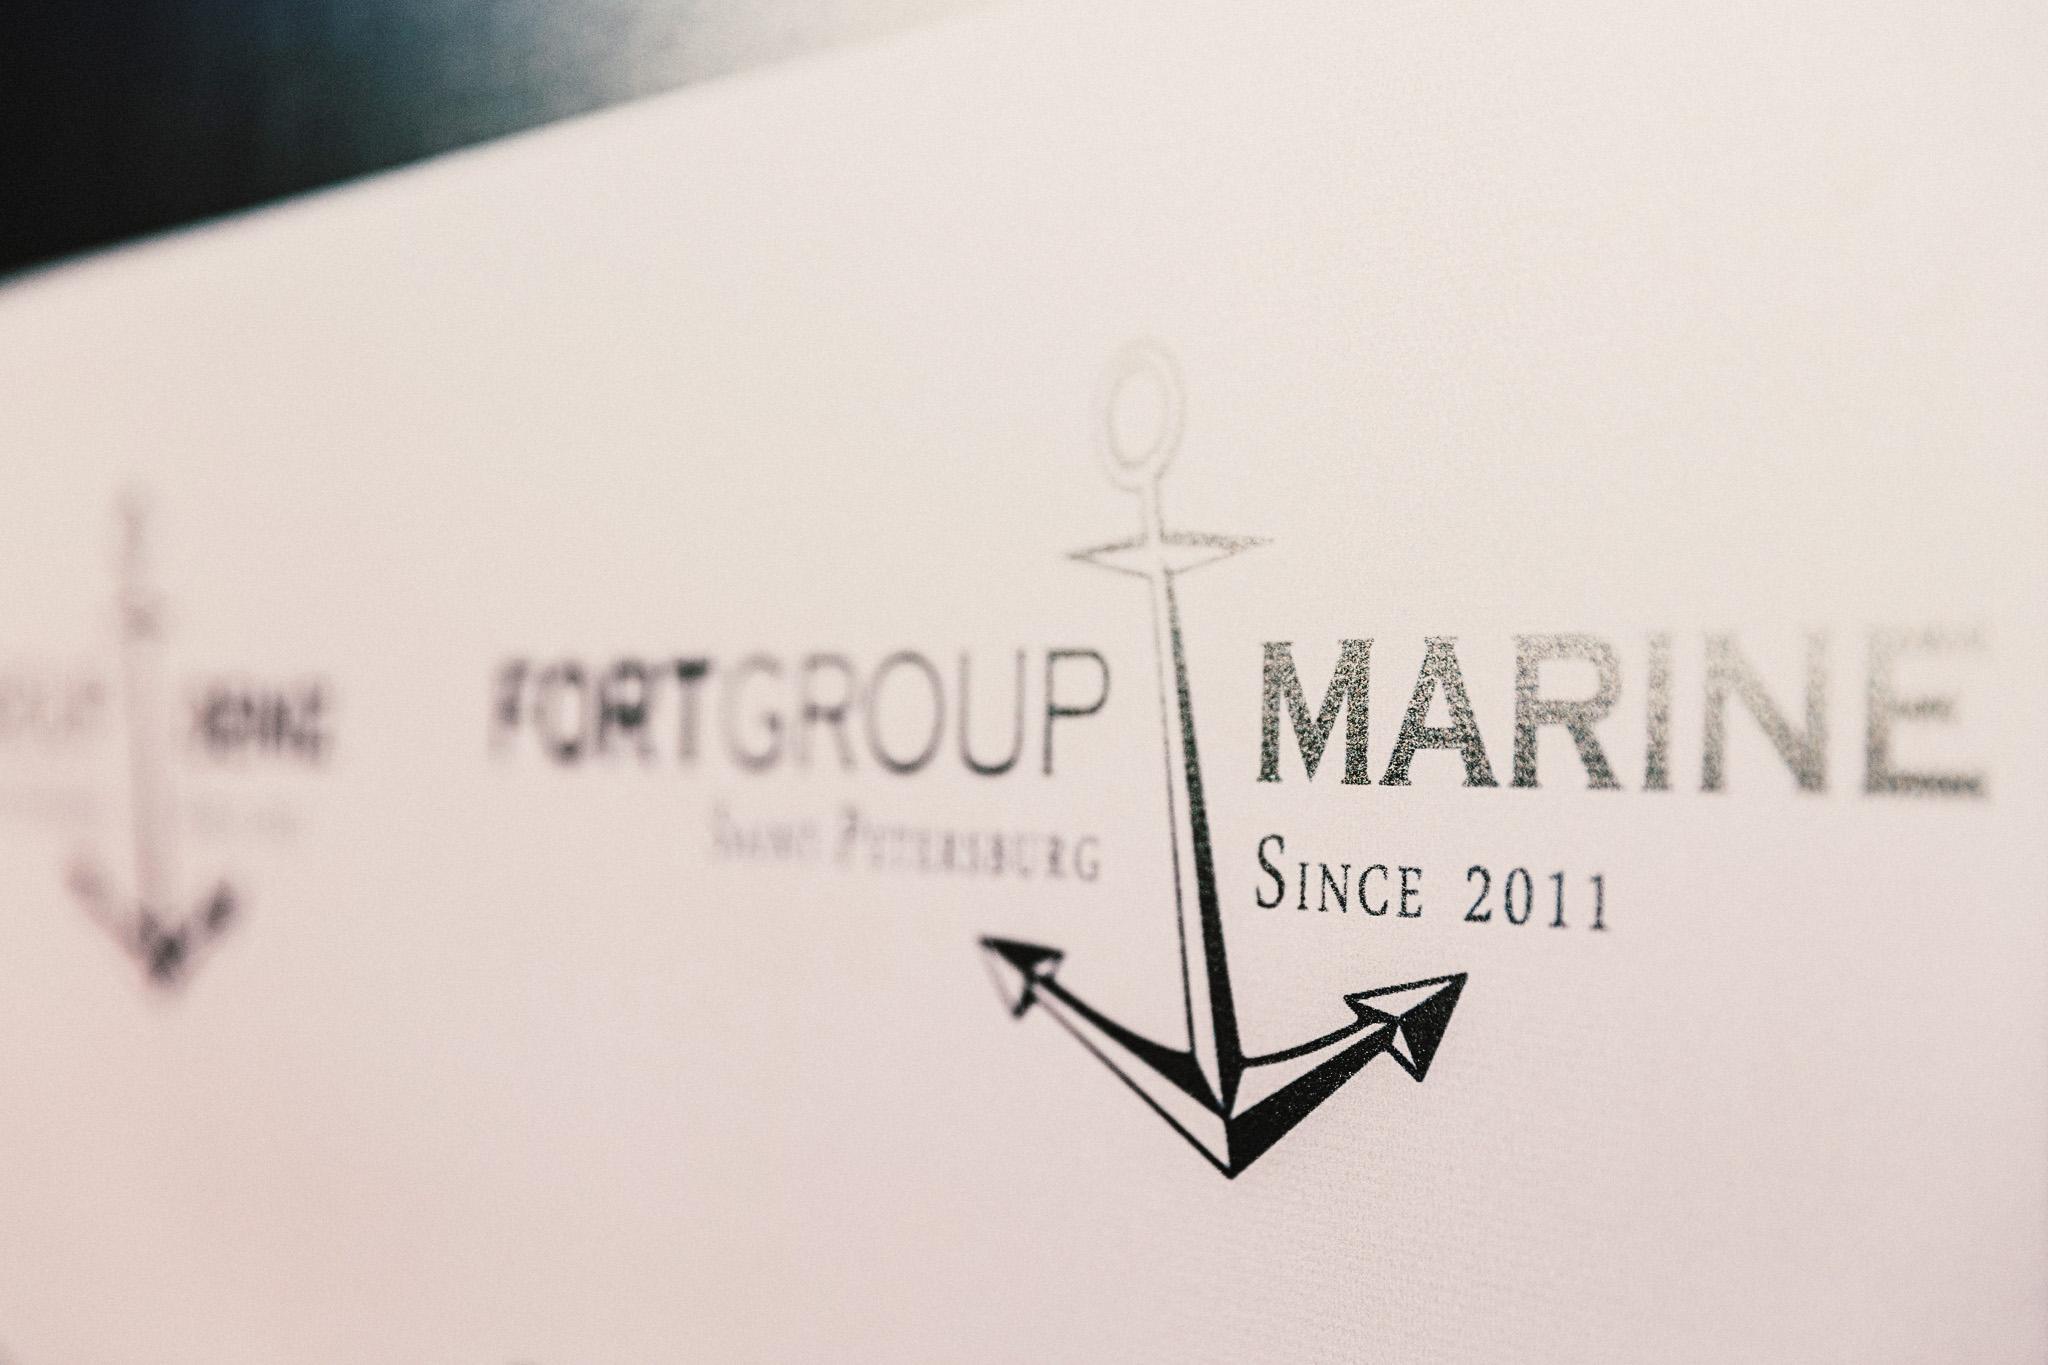 fortgroup2014_story_005